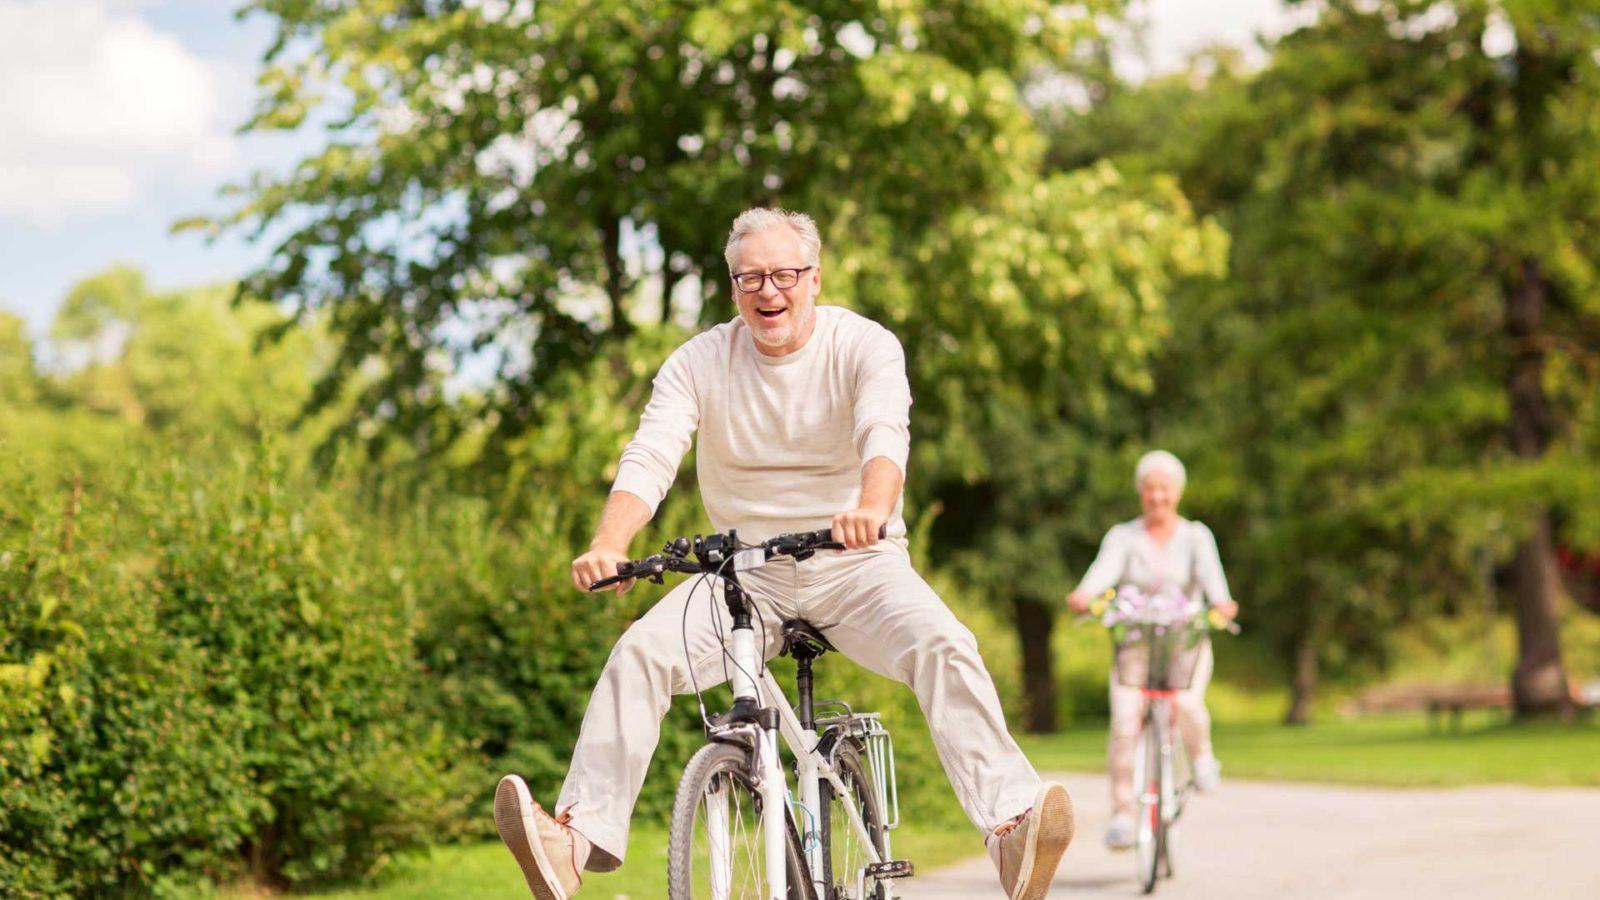 personnes faisant du vélo